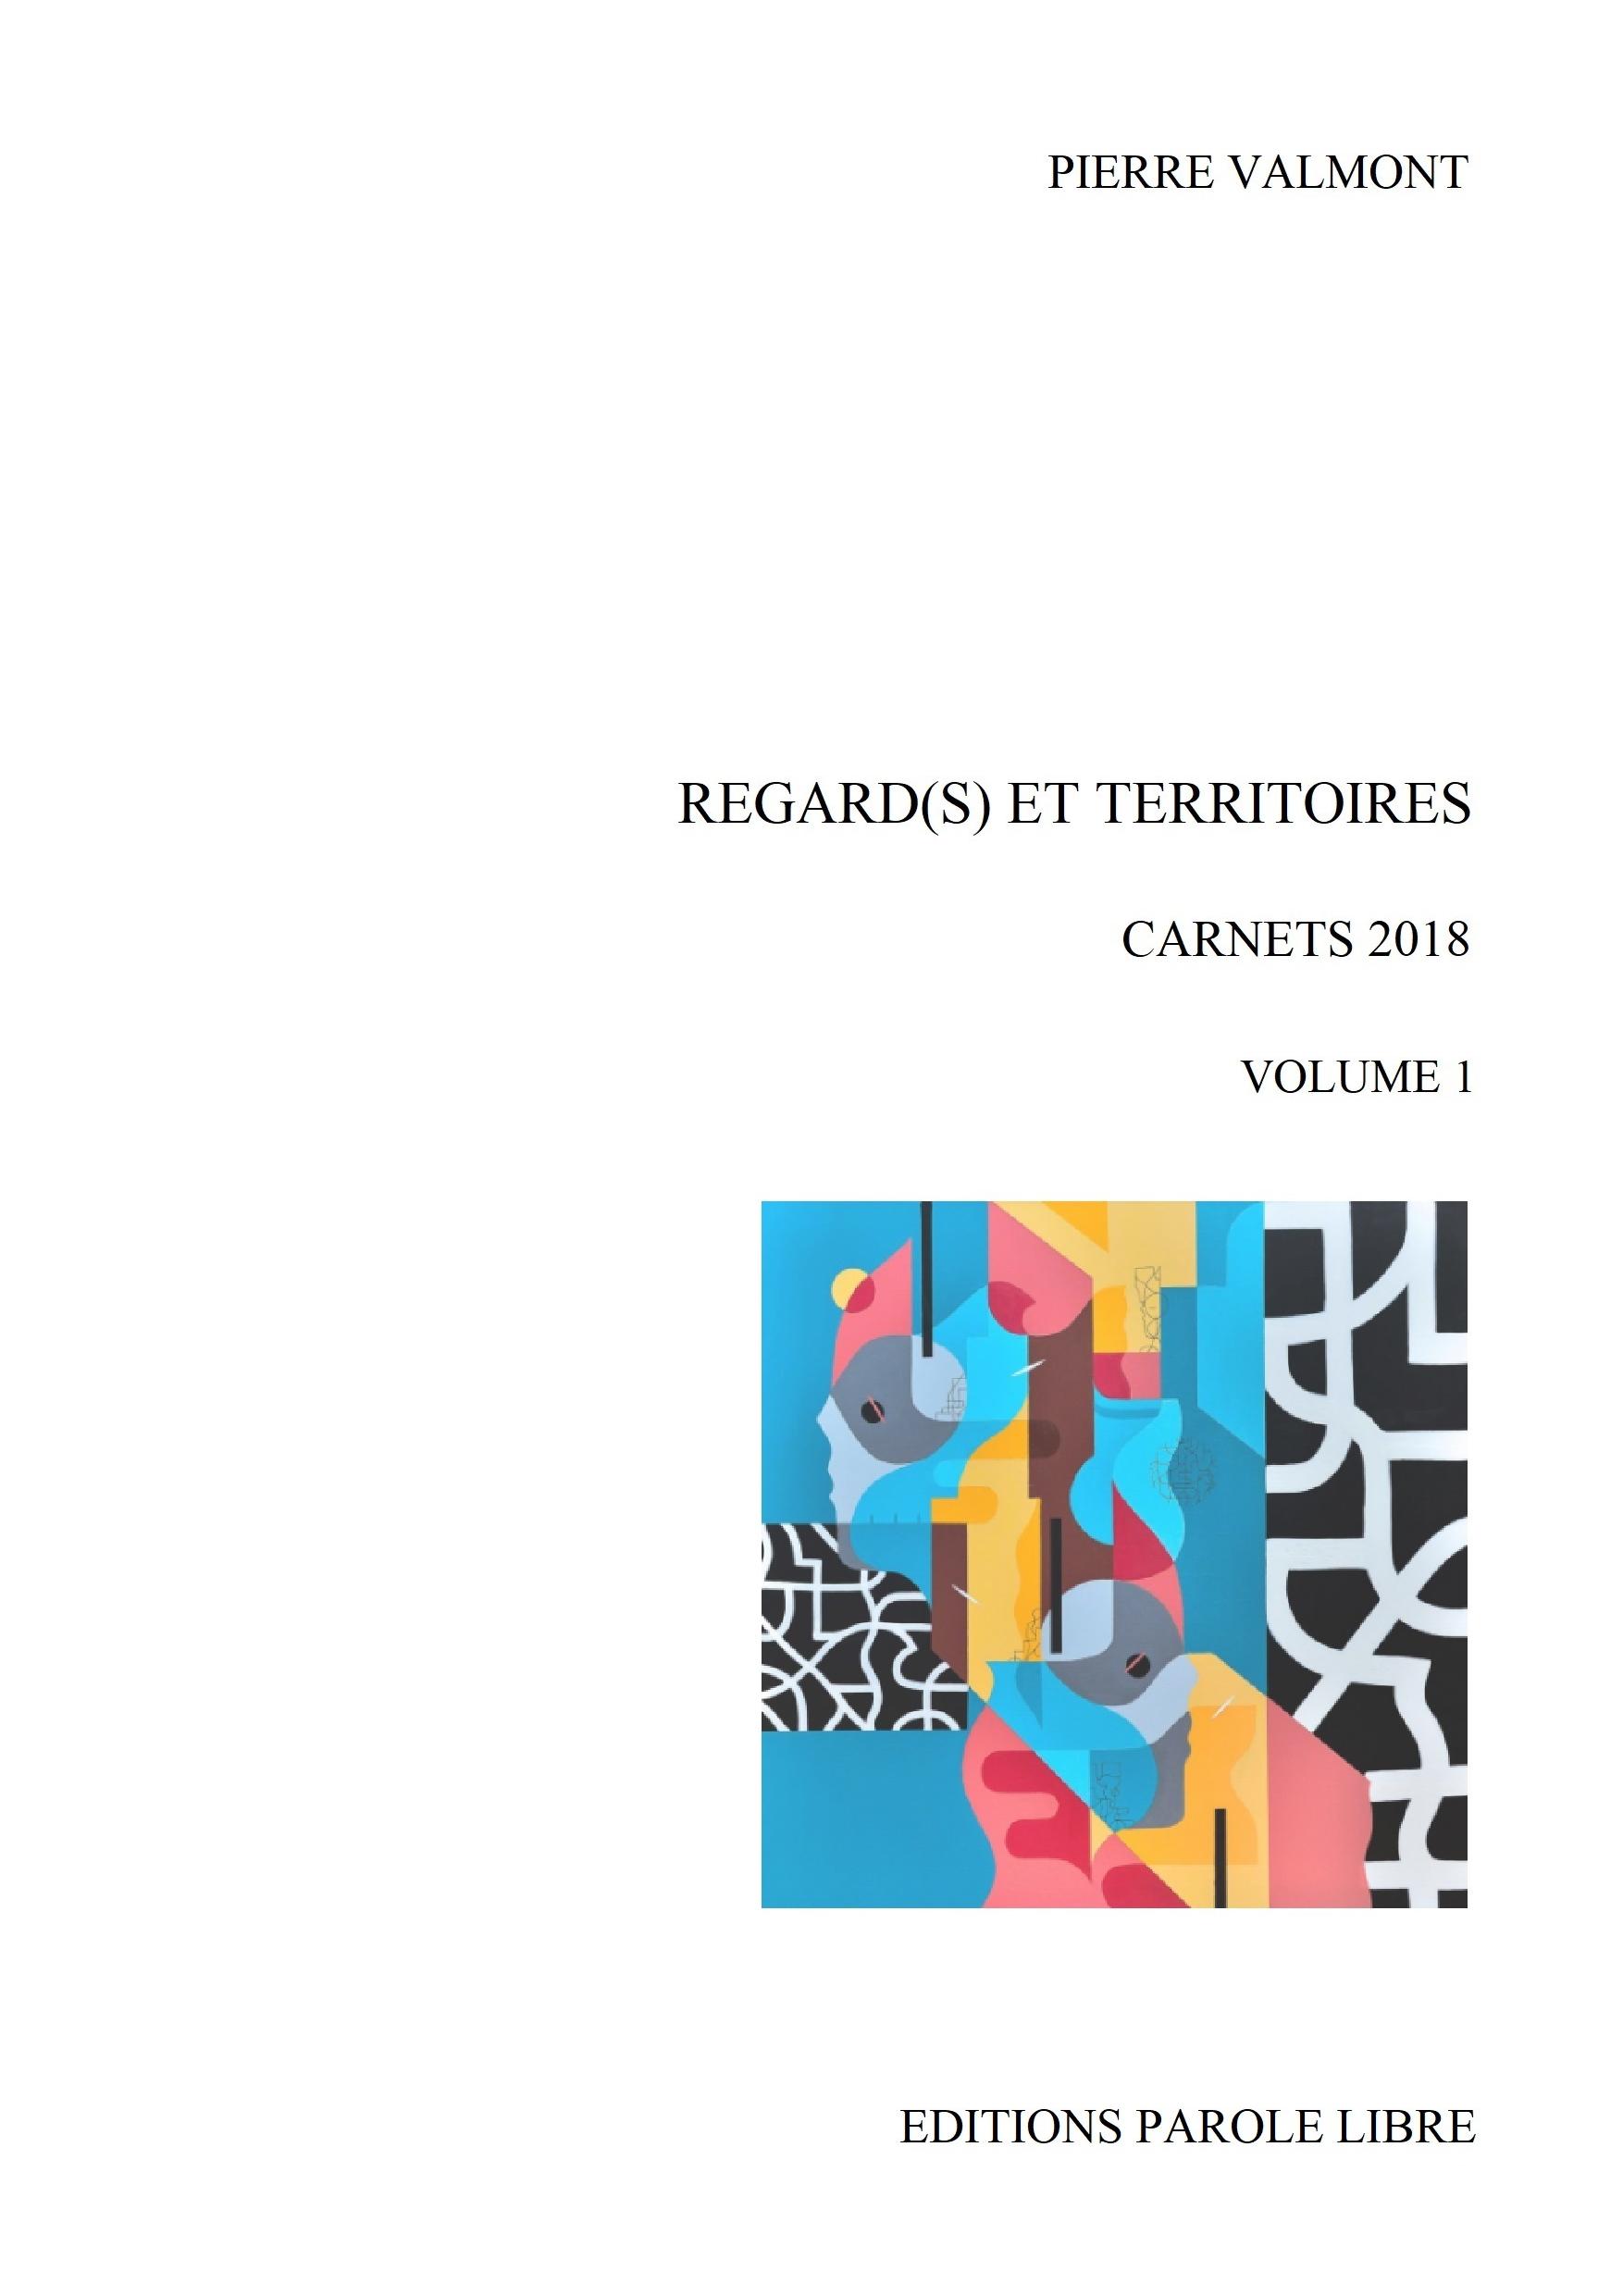 REGARD(S) ET TERRITOIRES 2018 (1)